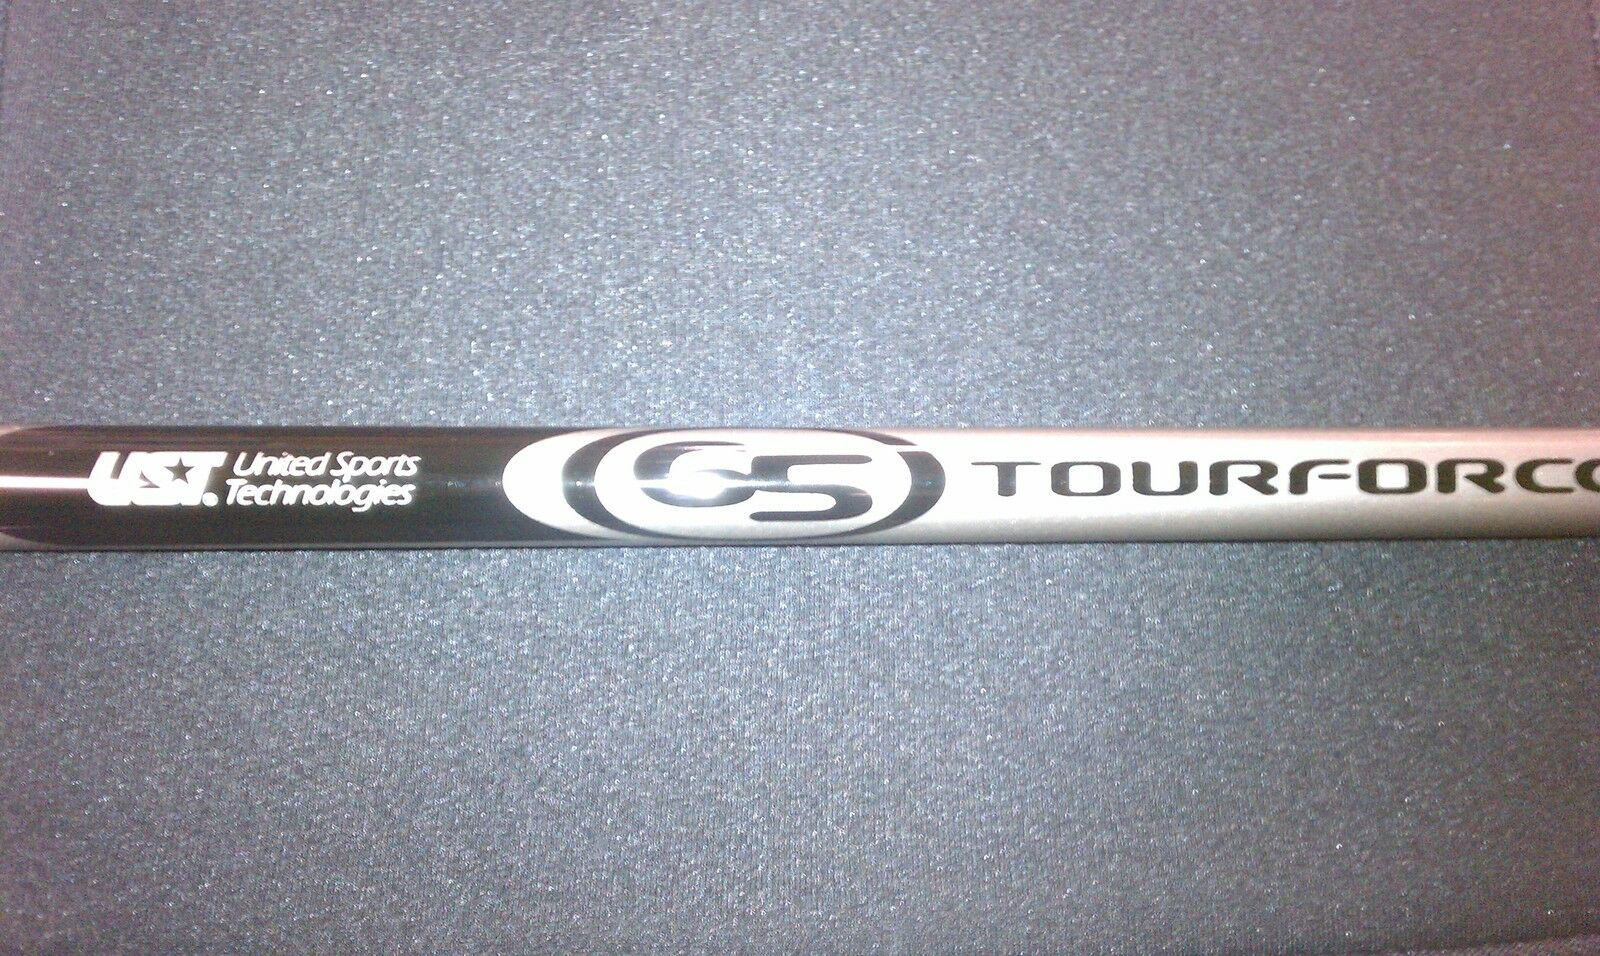 Ust tourforce projootipo Tour sólo Varilla De Grafito 65-x con Rbz Stage 2 Manga V2